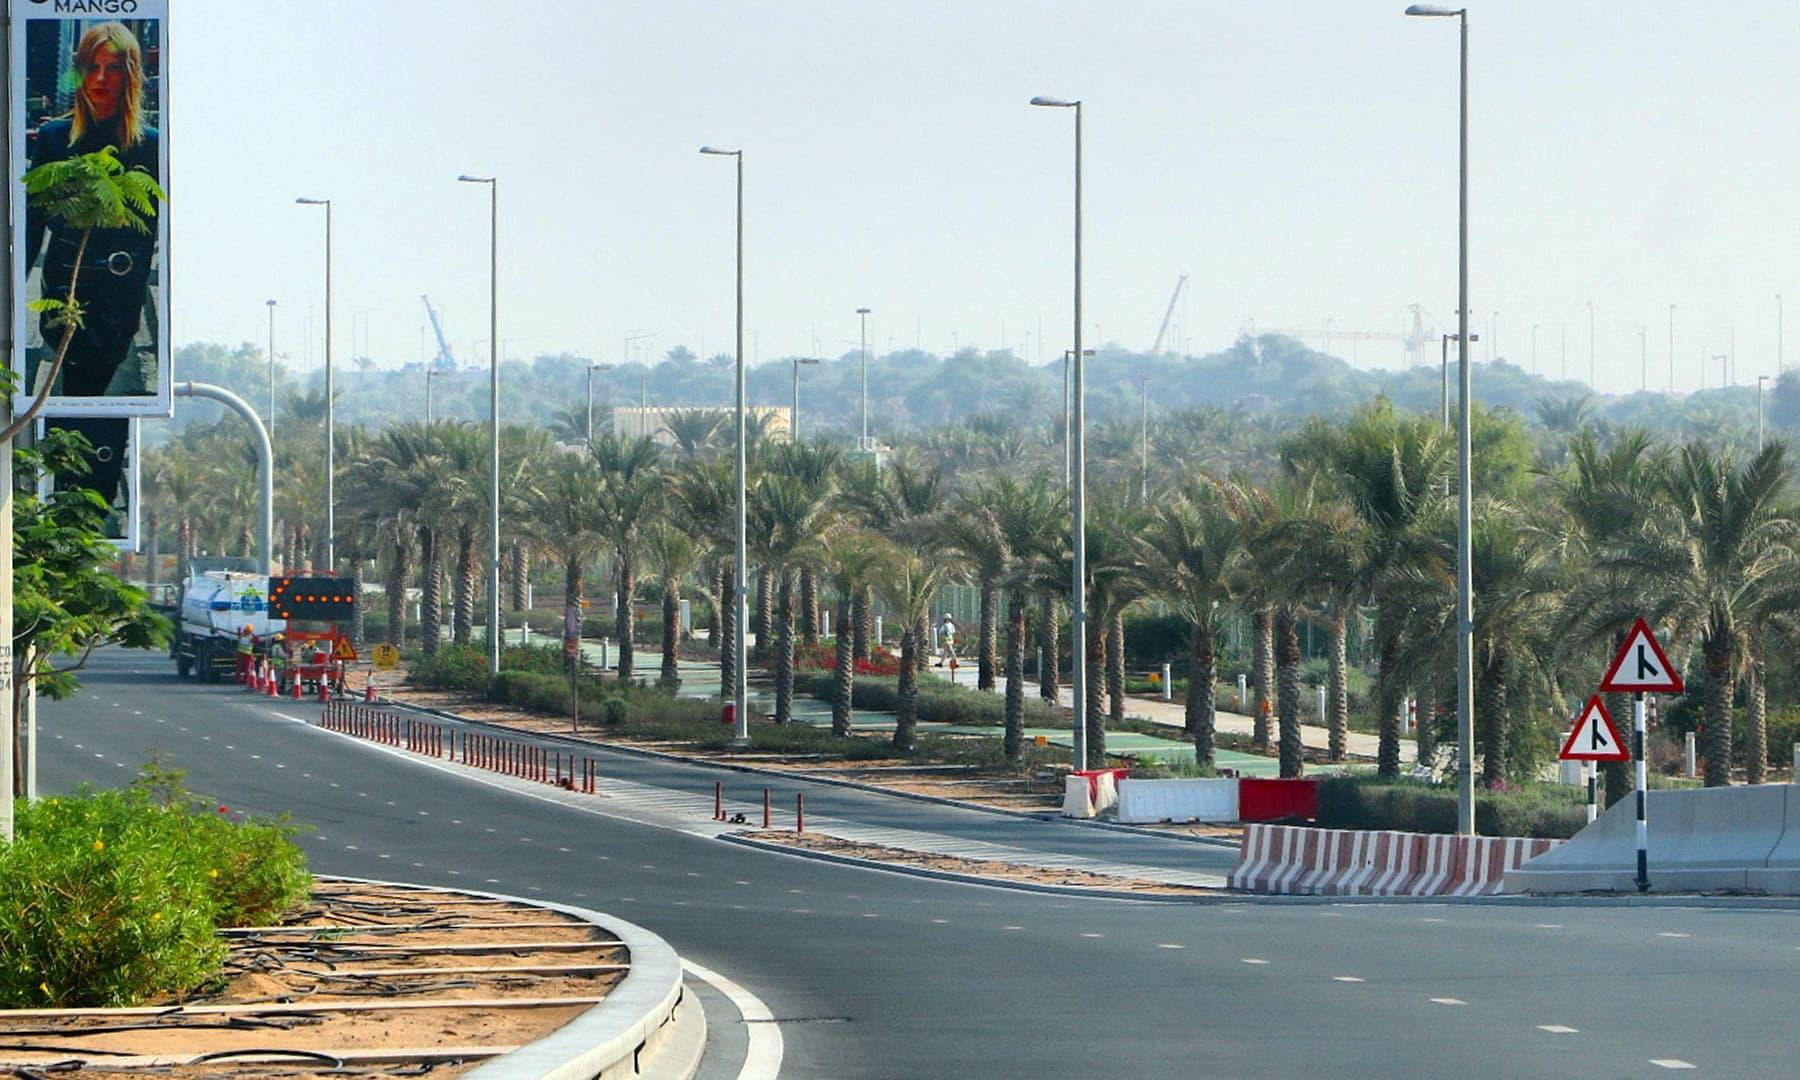 ابو ظہبی کی ایک سڑک — تصویر صوفیہ کاشف